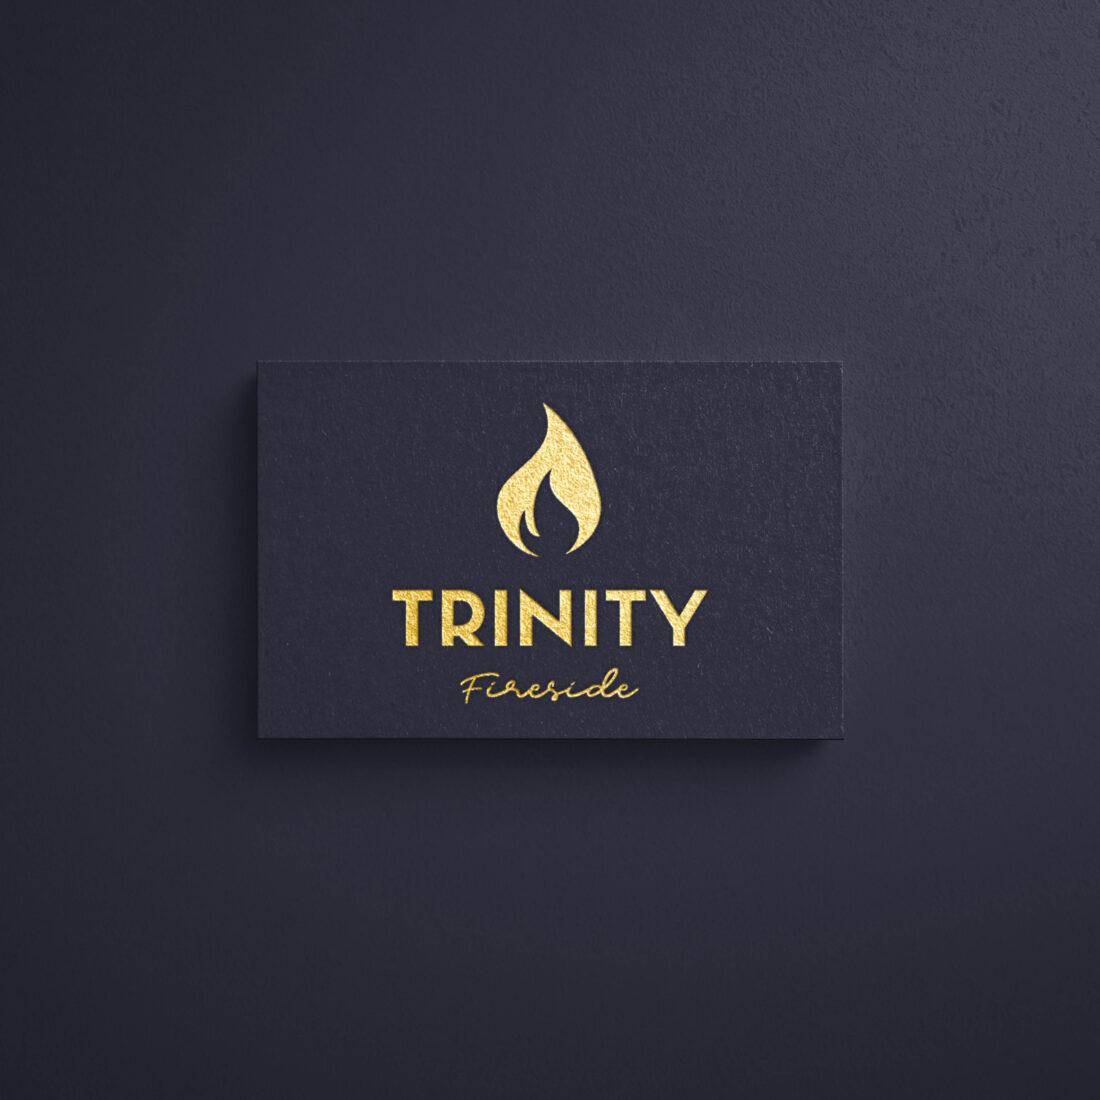 Luxury Dallas Brand Identity Design